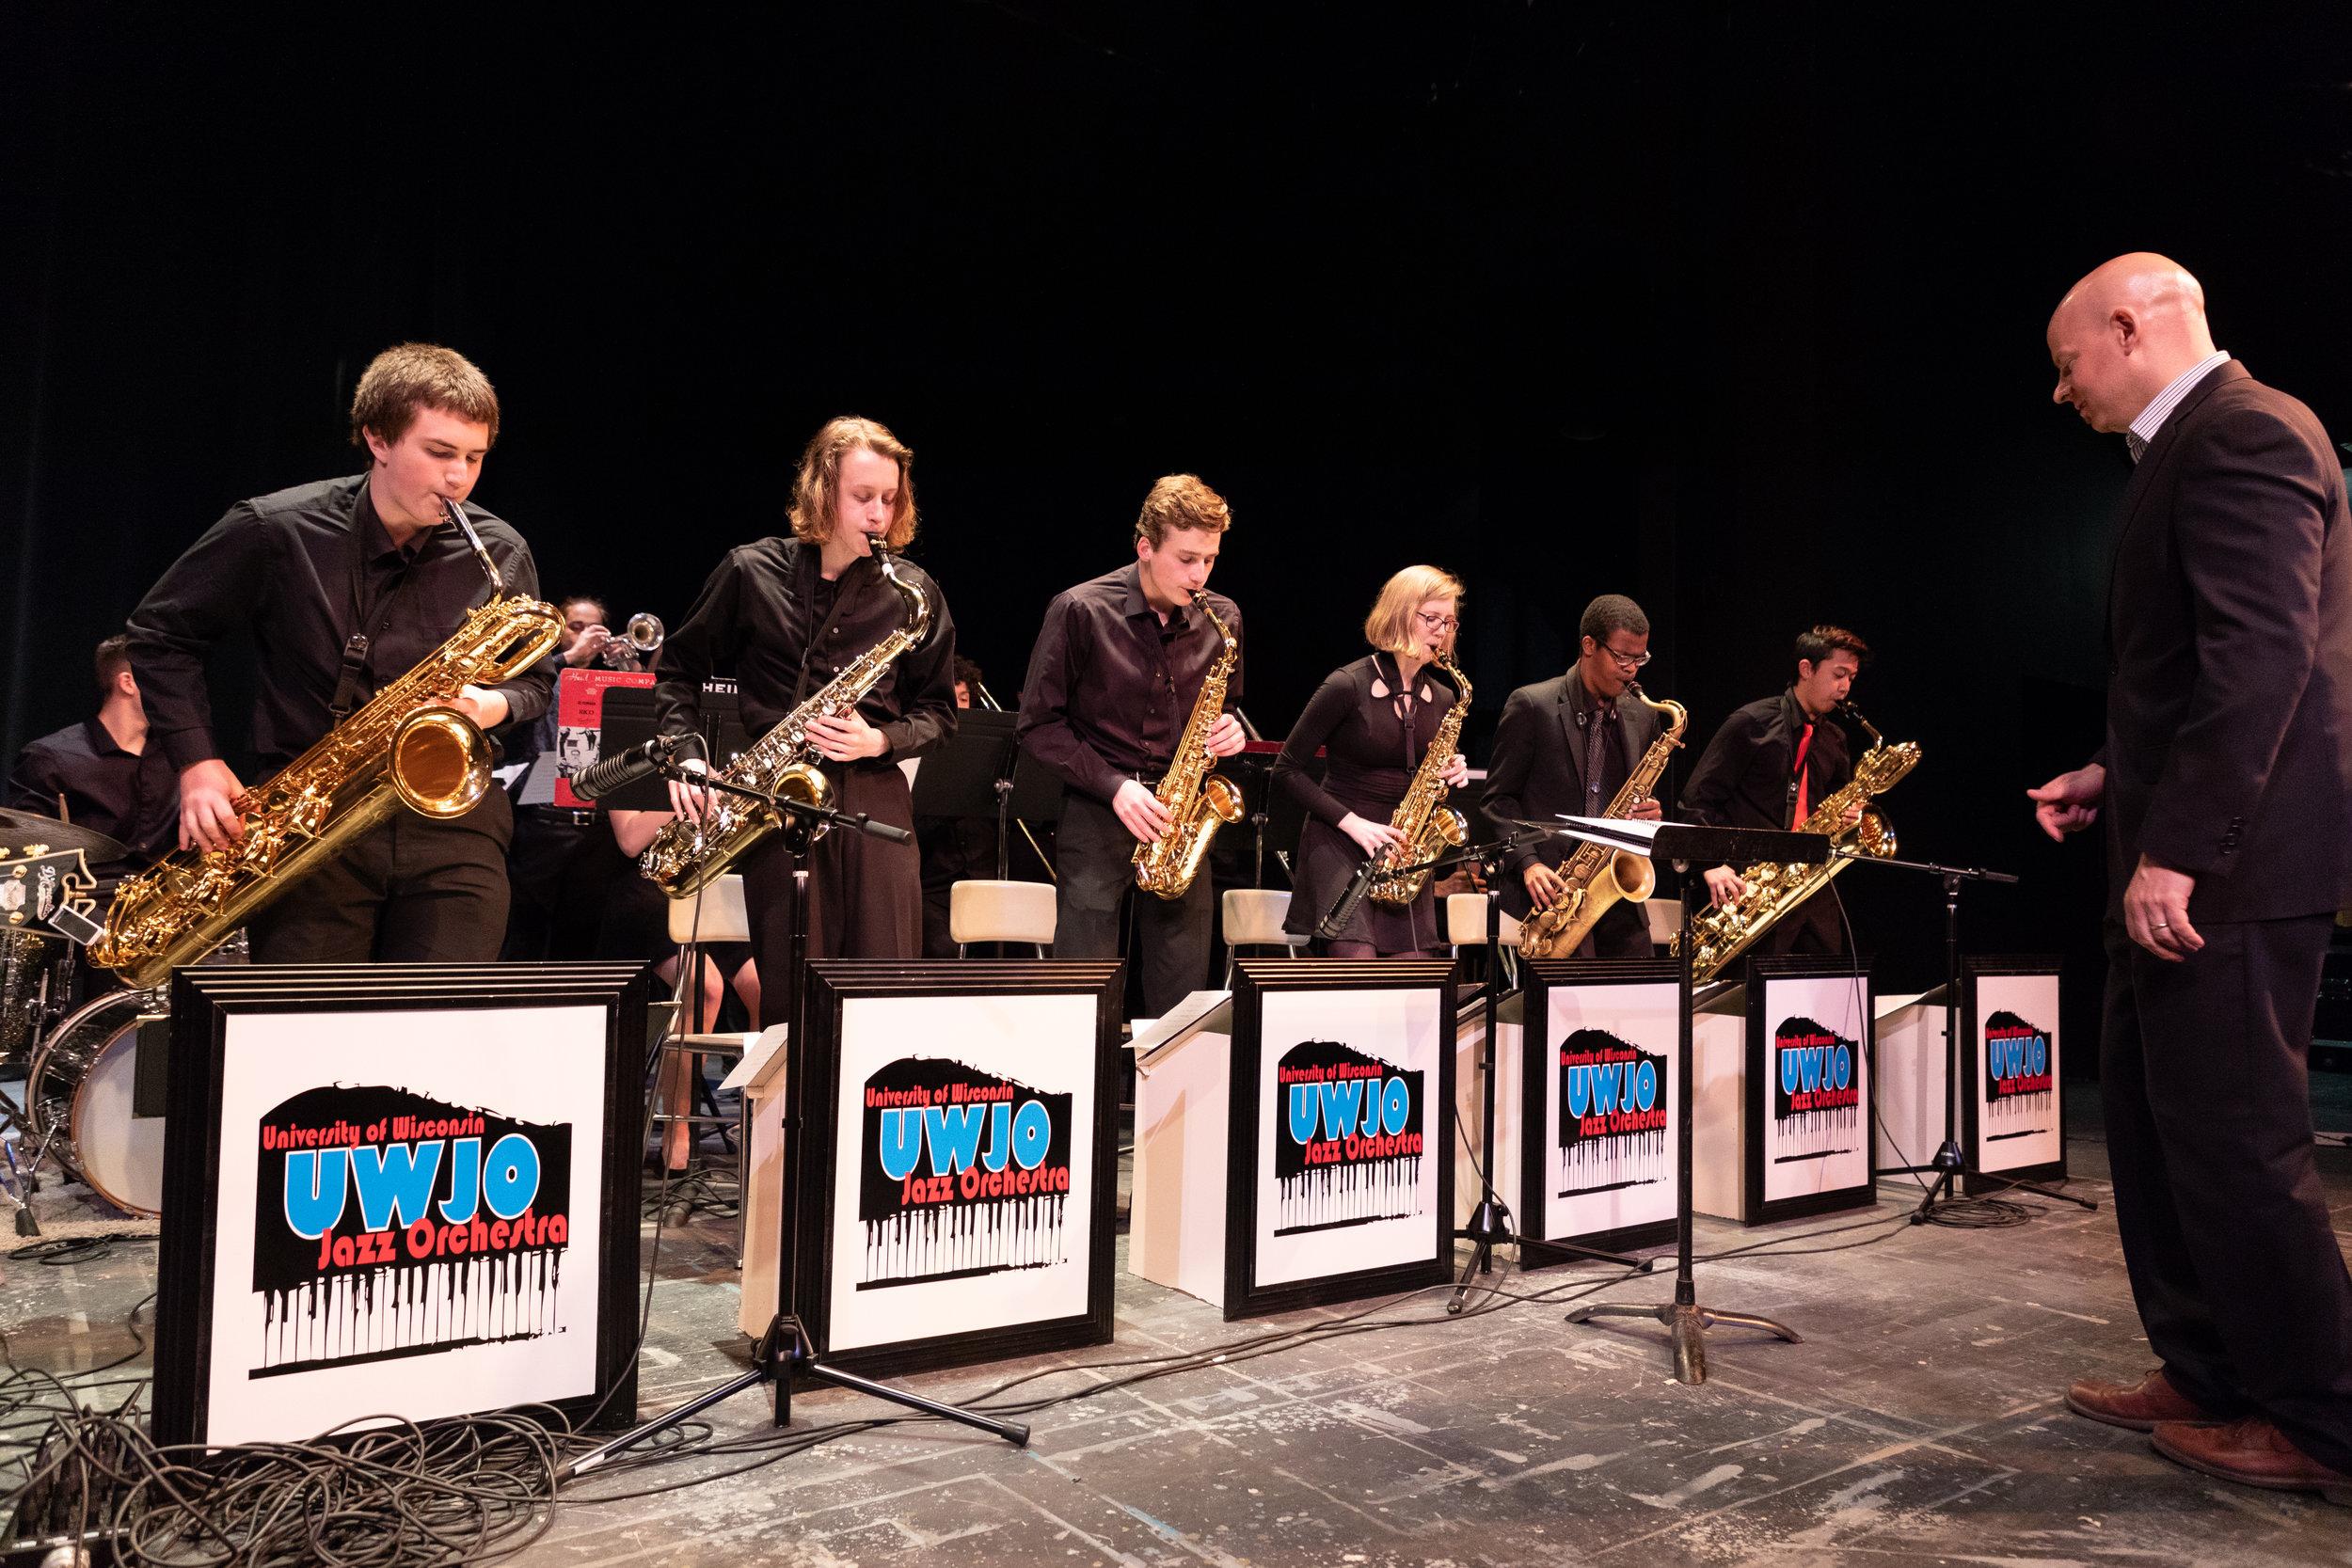 uwmusic-jazzhonorsband-042718-9362.jpg